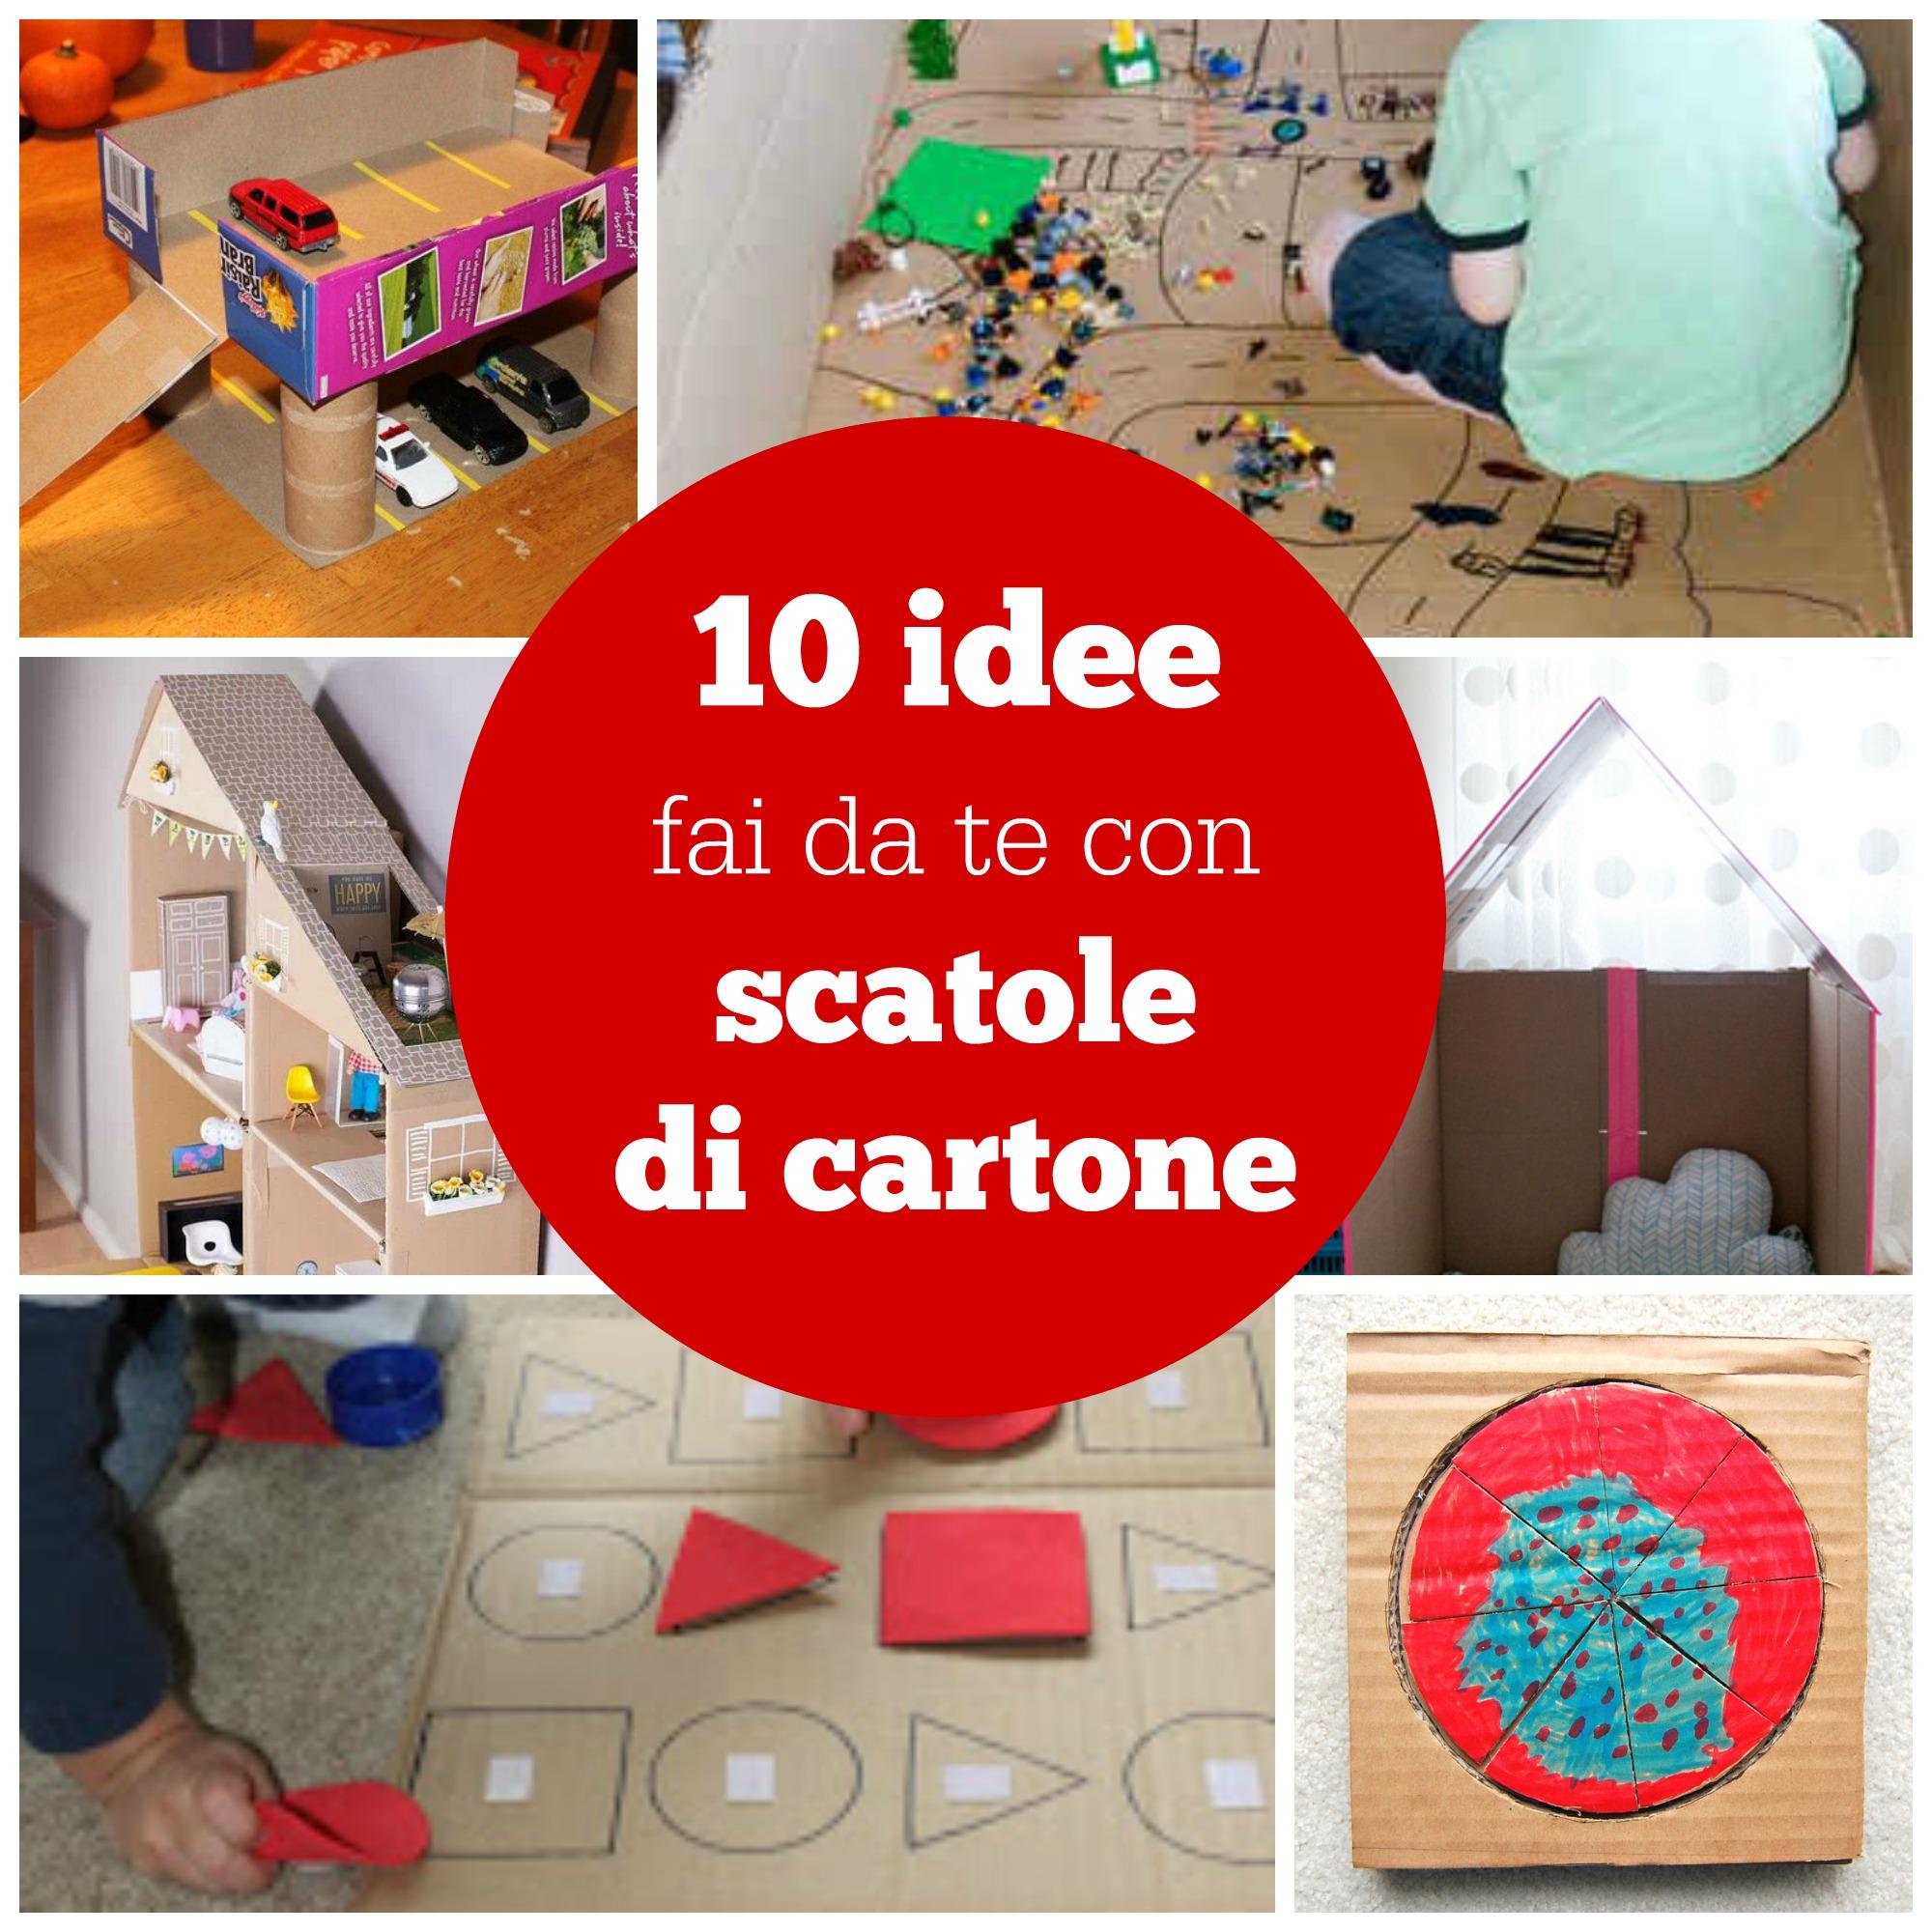 10 idee fai da te con scatole di cartone babygreen - Idee casa fai da te ...